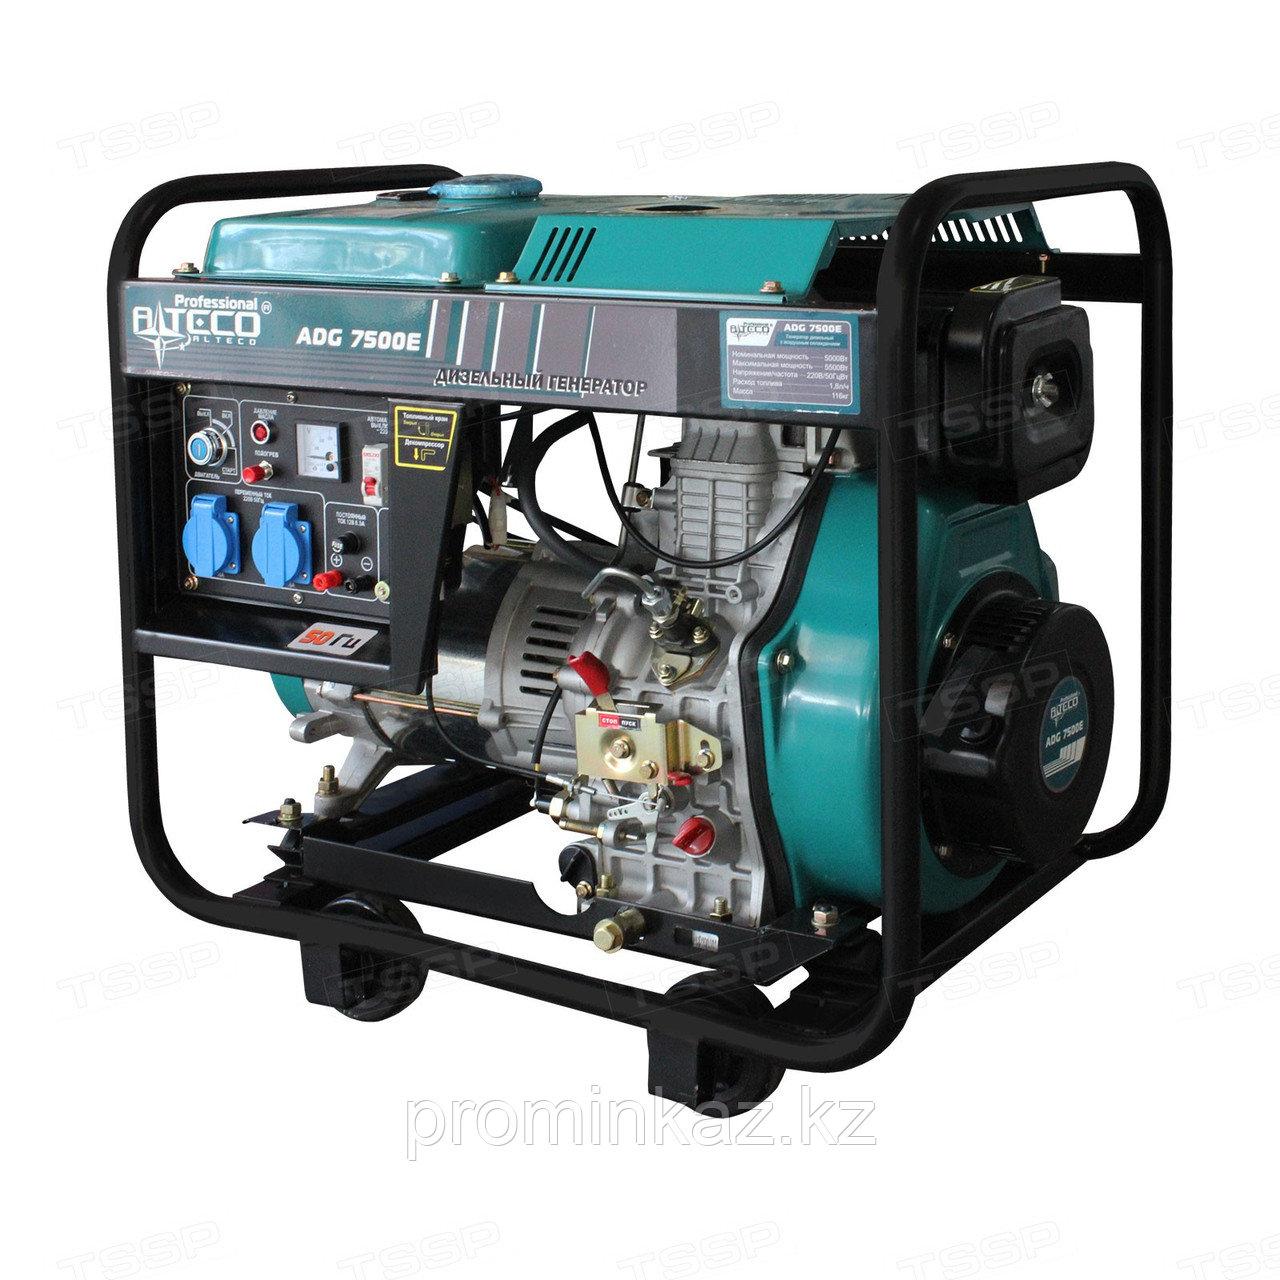 Дизельный генератор Alteco ADG-7500 E, 5кВт